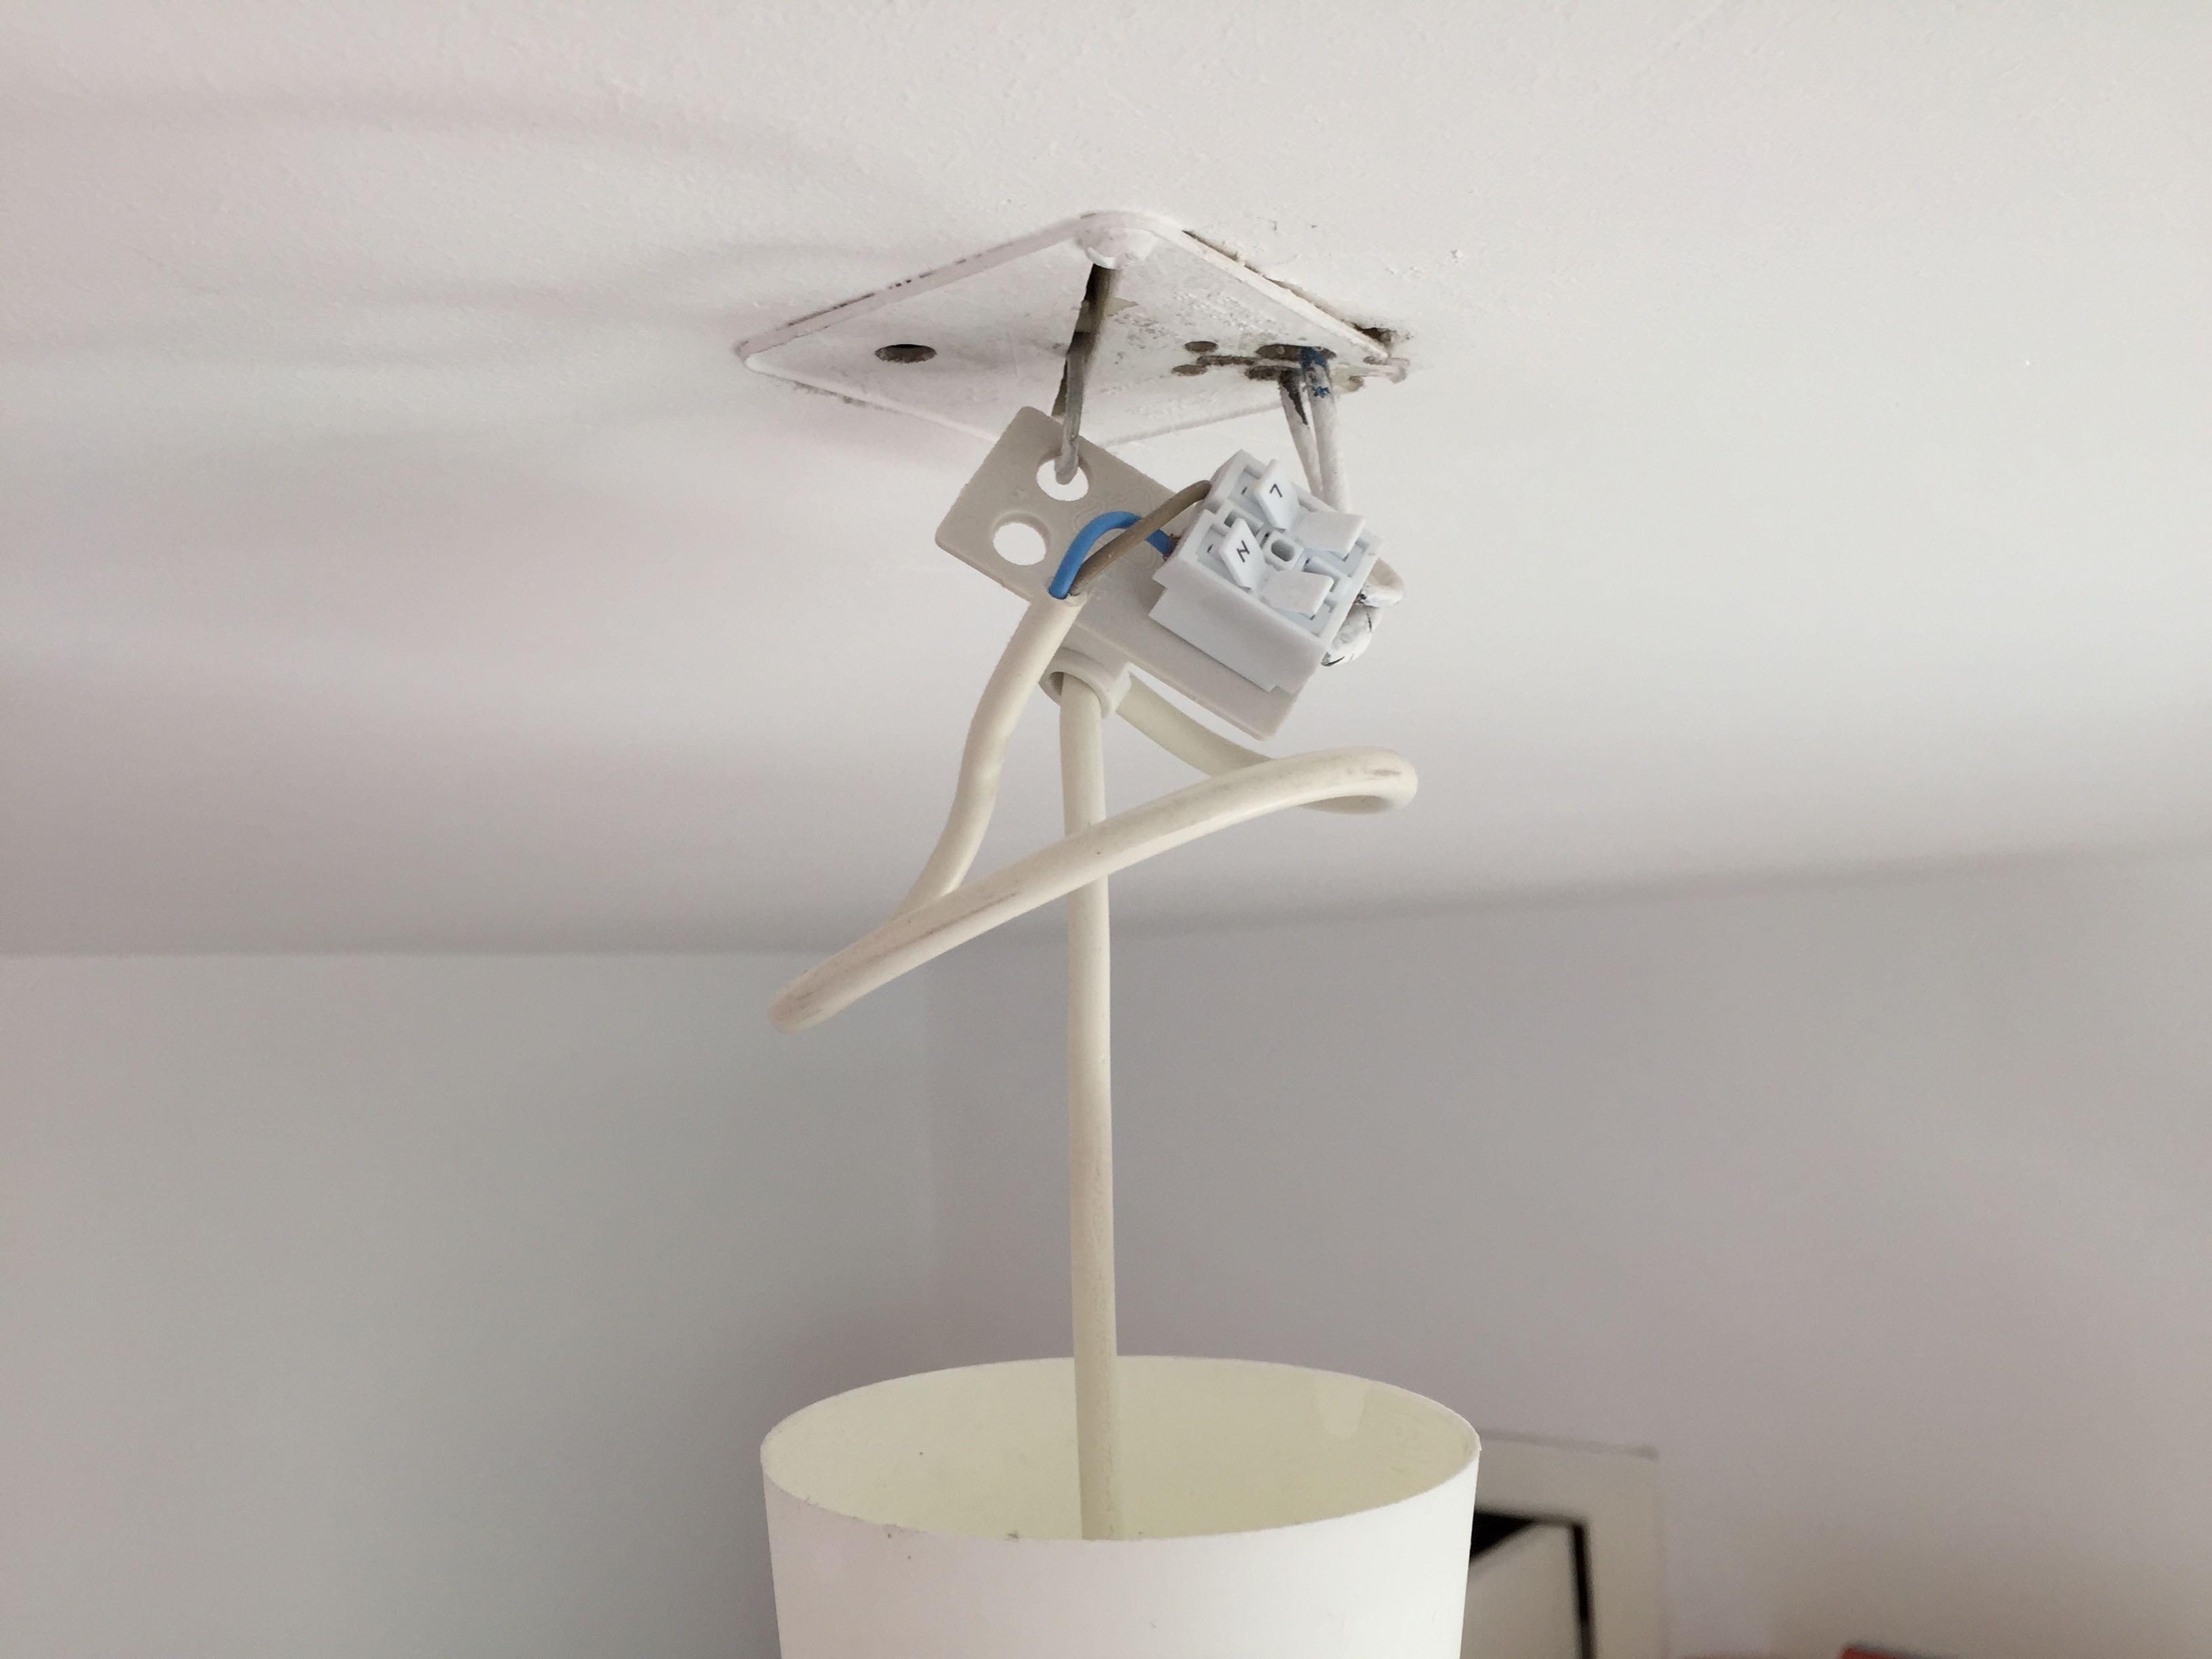 Slaapkamer verlichting praxis : slaapkamer ideeen muur. slaapkamer ...